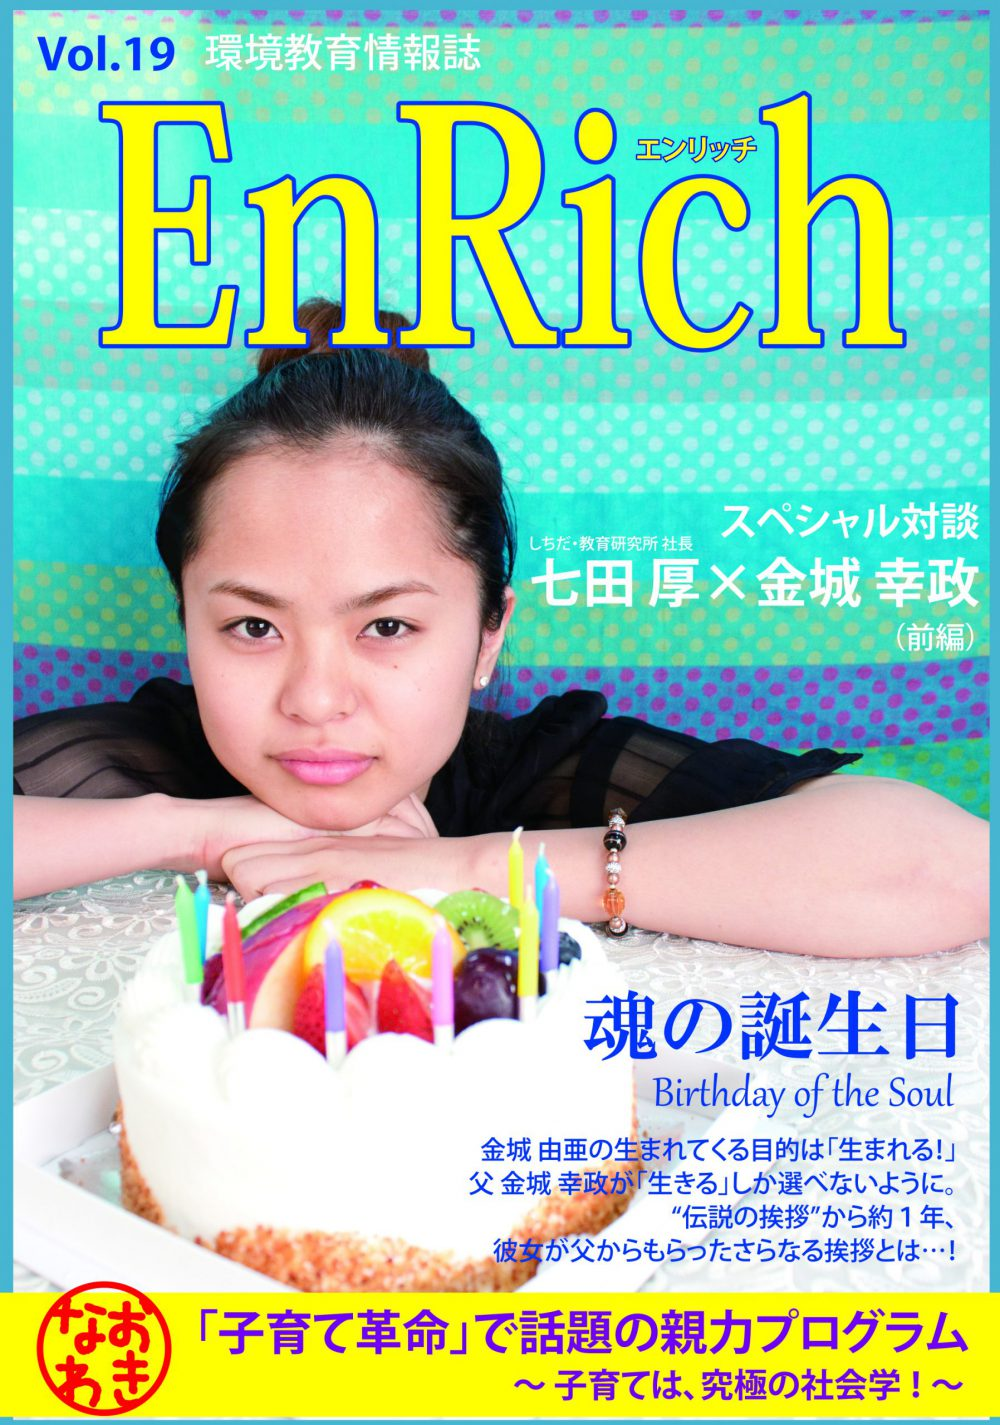 還元祭 その㊱ EnRich19号 「魂の誕生日」